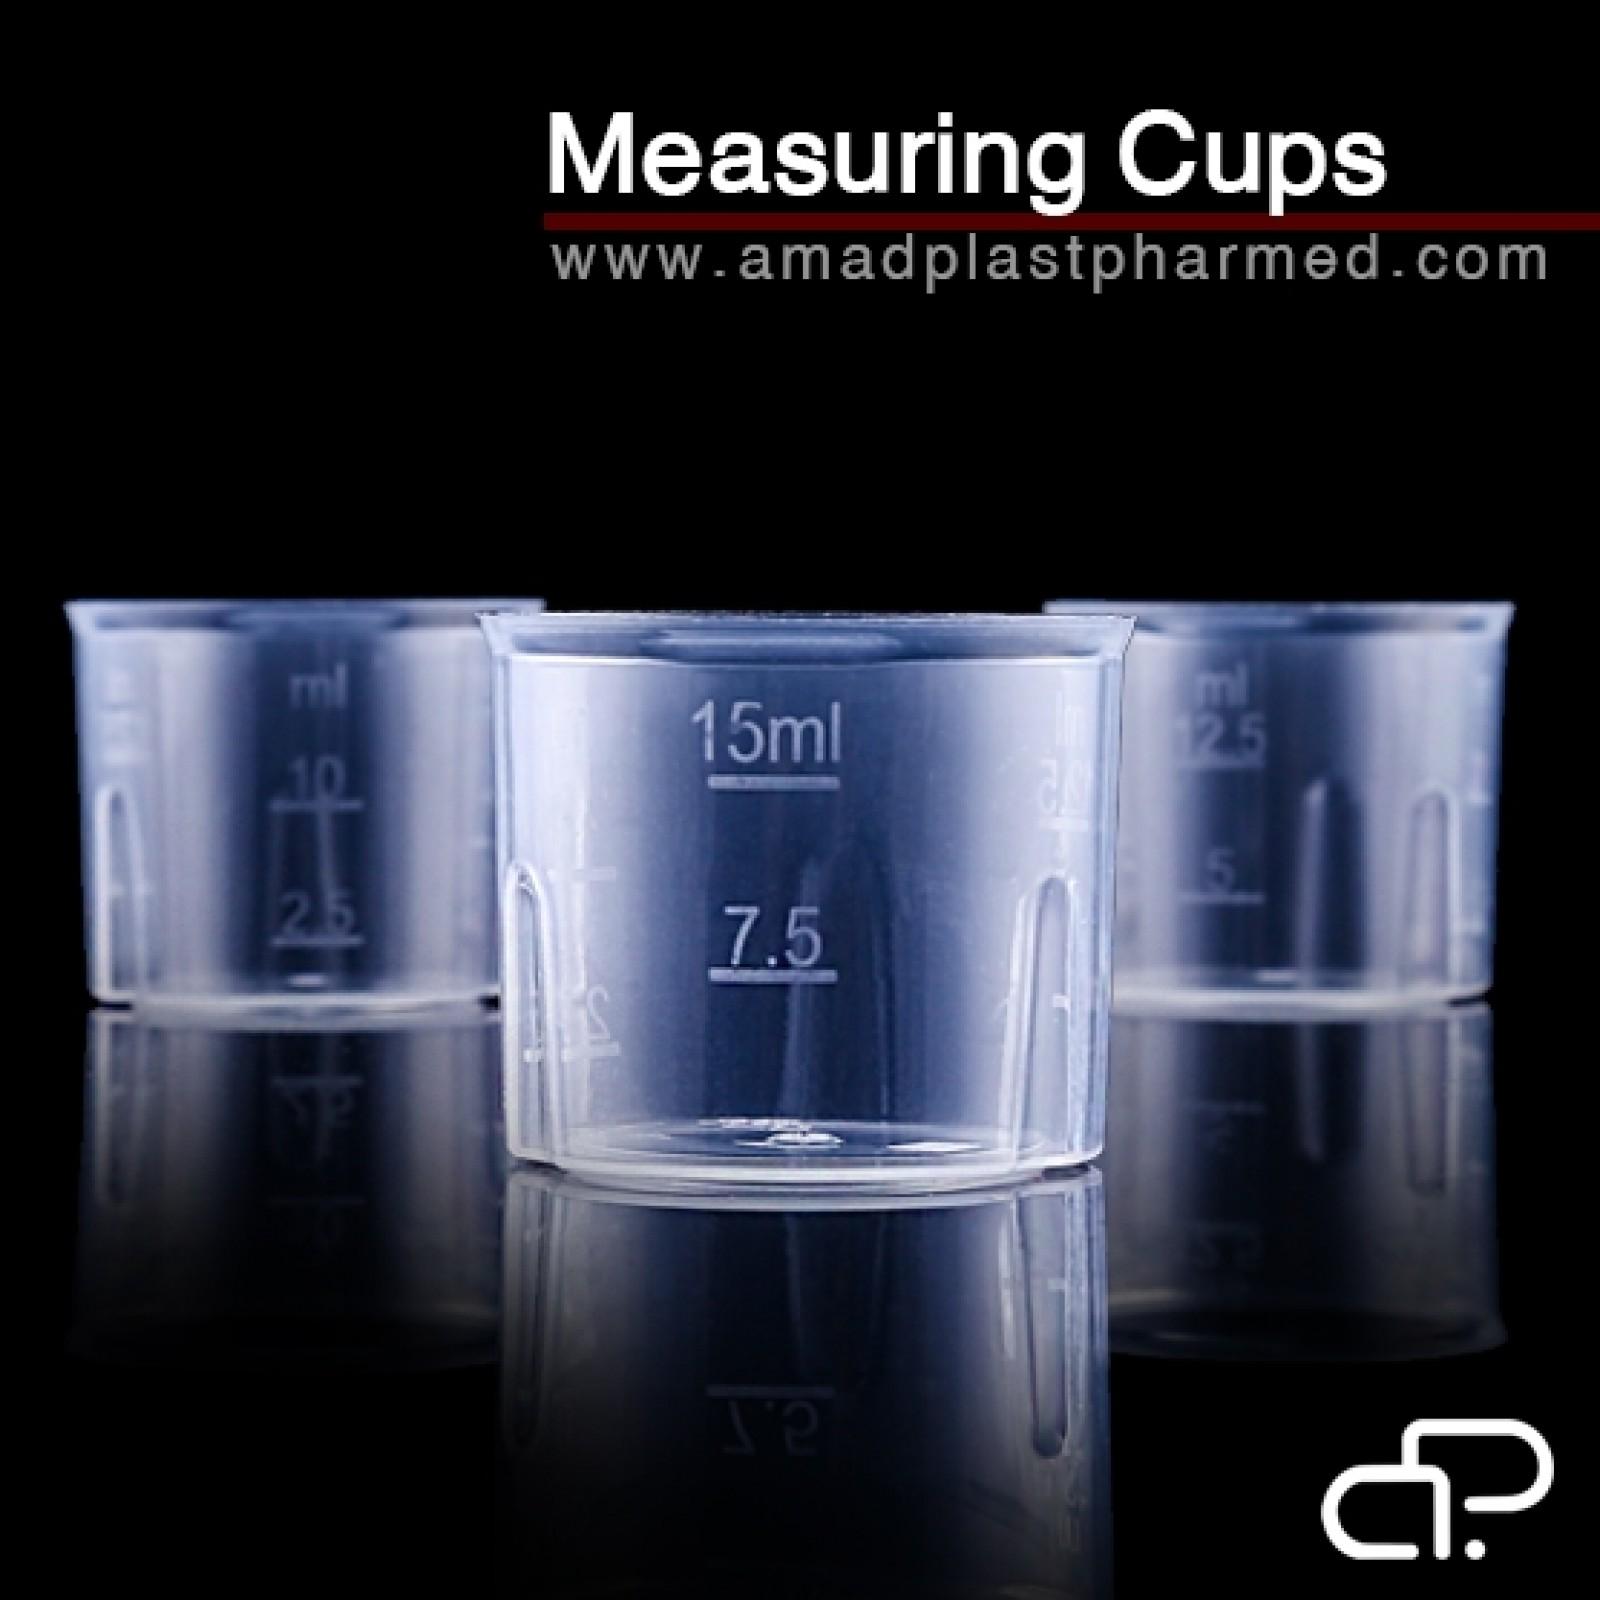 پيمانه هاي اندازه گيري